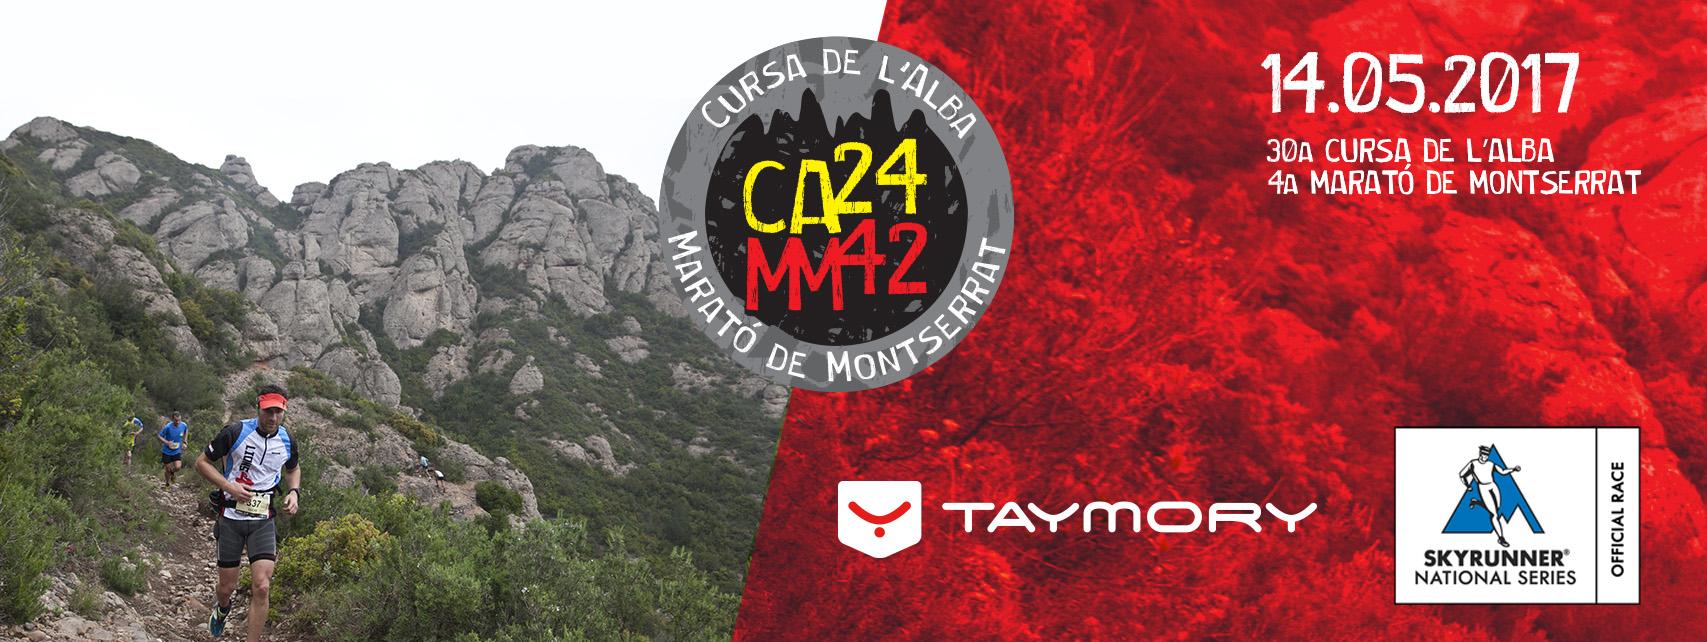 Demà 17 de gener s'obren inscripcions de la 30a edició de la Cursa de l'Alba i la IV Marató de Montserrat.